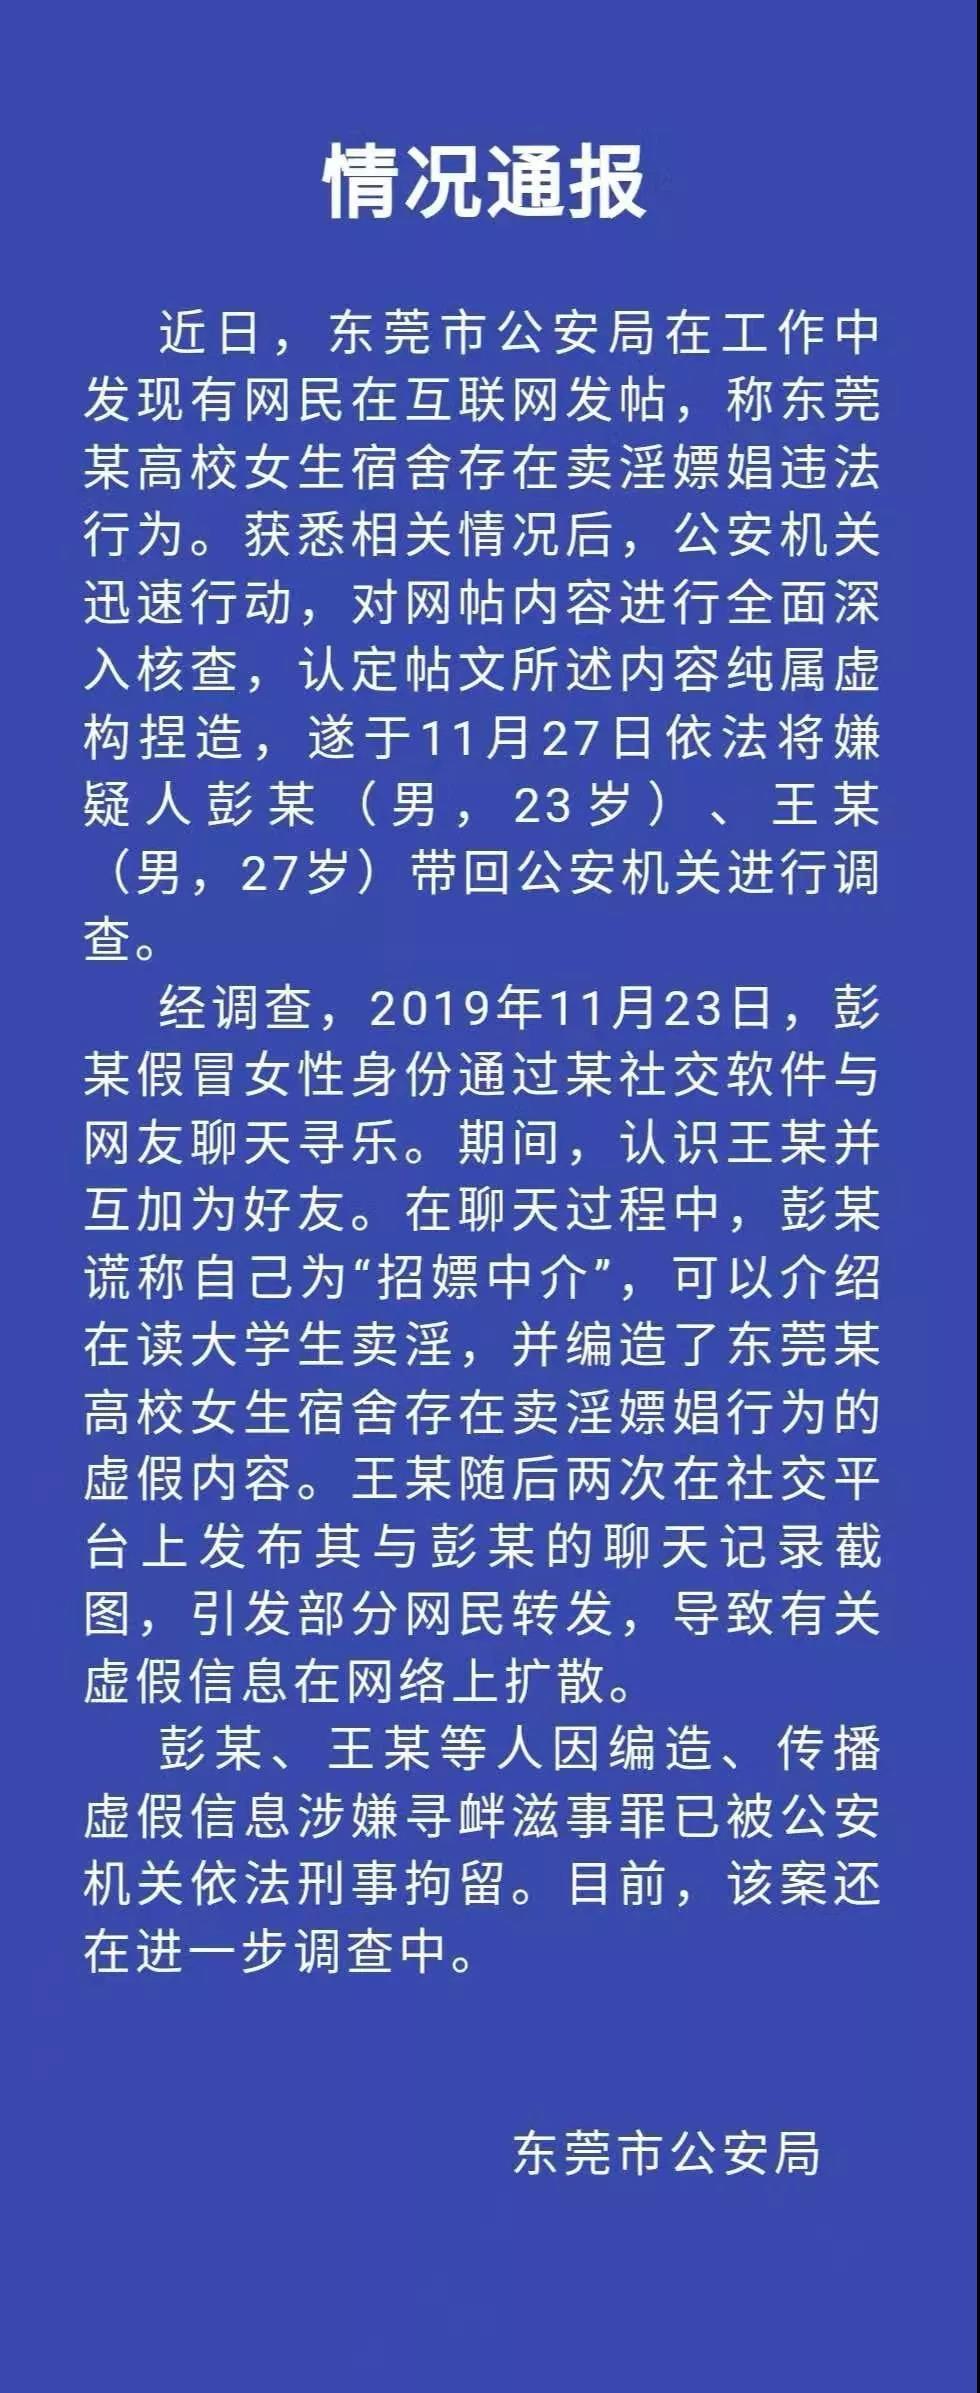 """「金丽娱乐官网」""""慈母出败儿"""",""""富不过三代"""""""